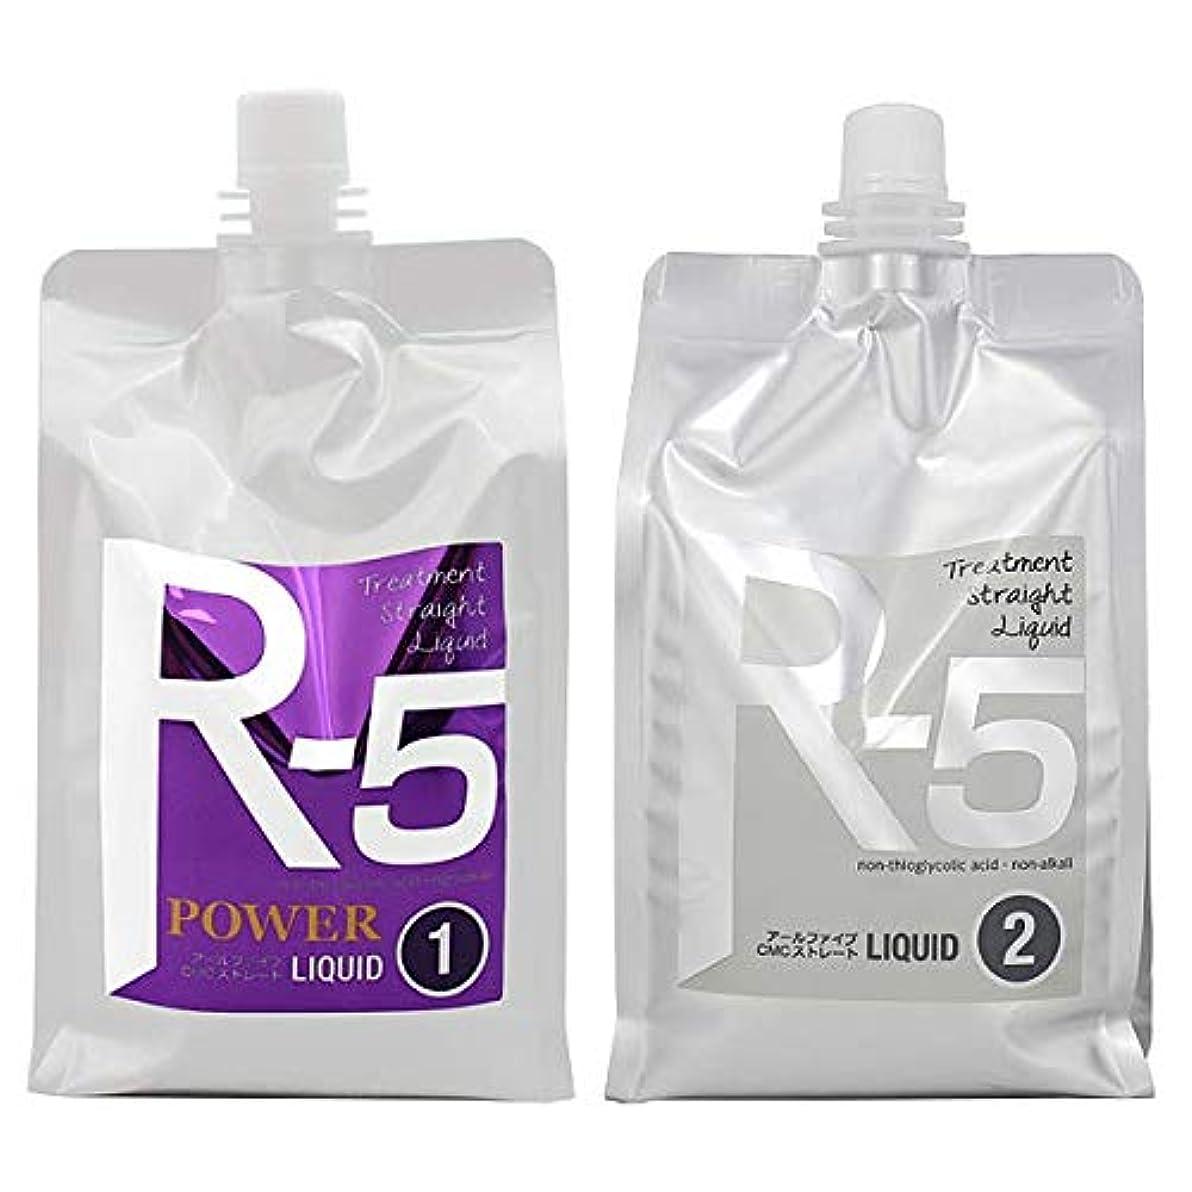 手段書店木材CMCトリートメントストレート R-5 パープル(パワー) ストレート剤